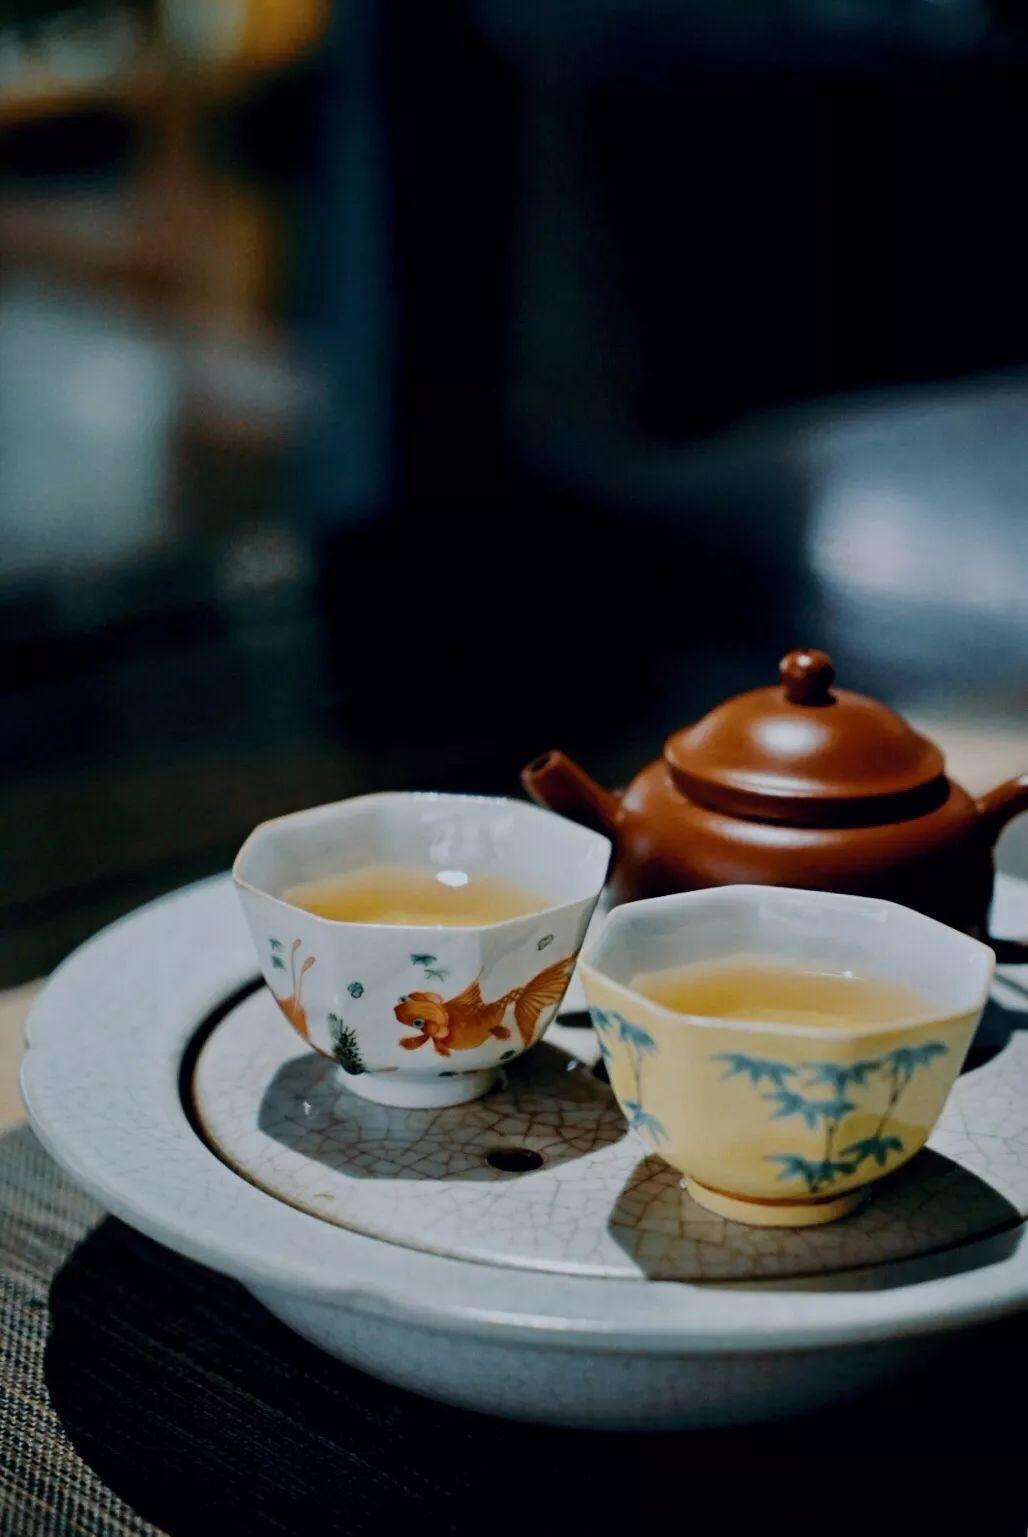 茶余饭后是什么意思_茶余饭后怎么读_词语解... -新东方在线词典